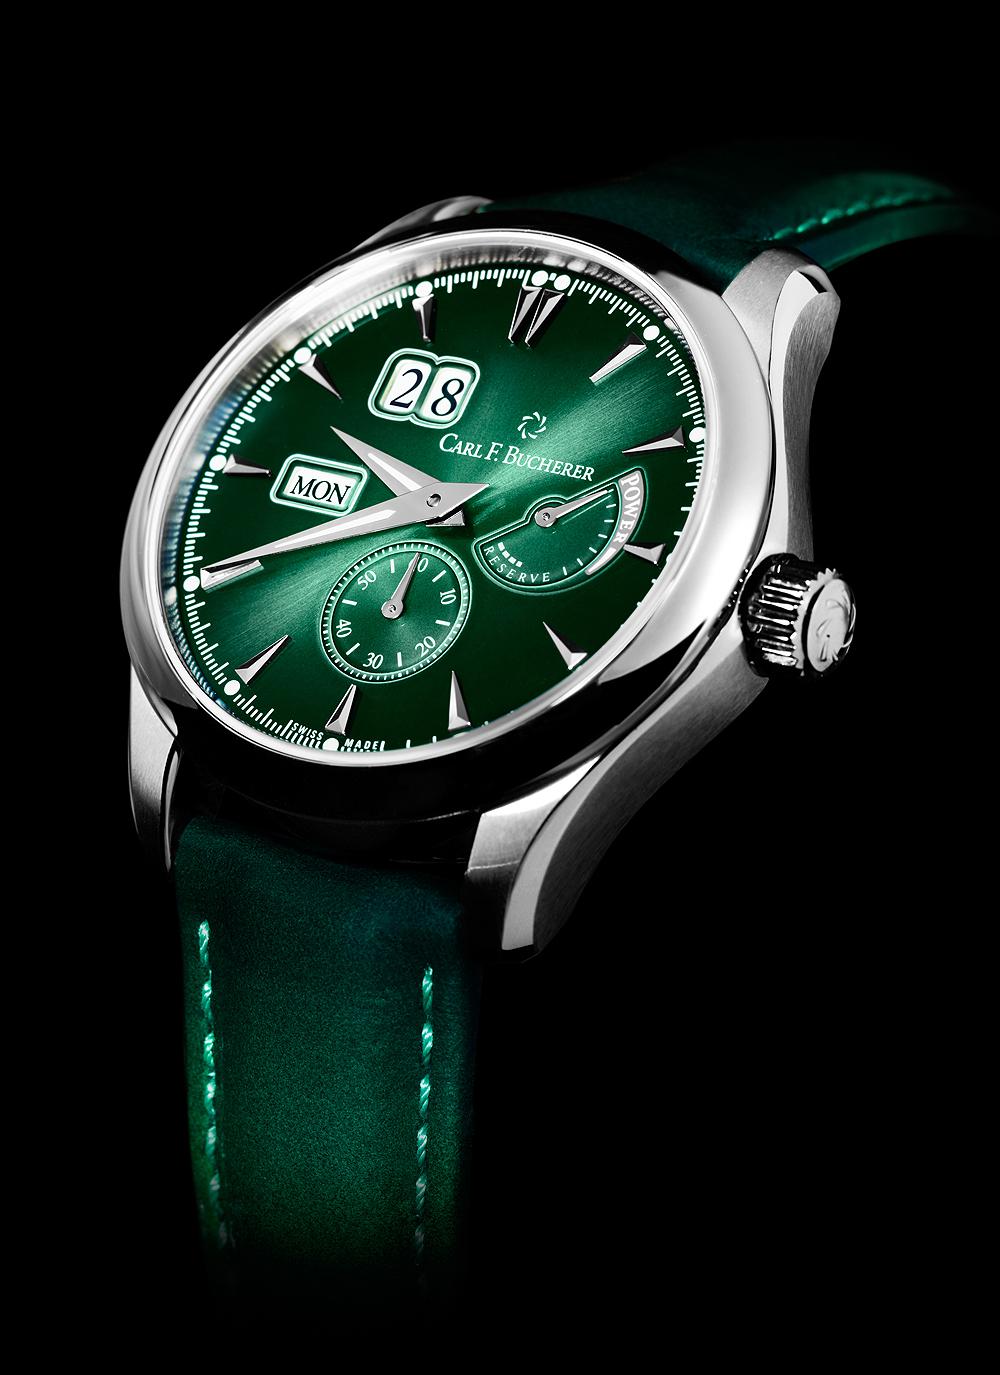 Manero PowerReserve en color verde con detalles en color plateado con fondo negro